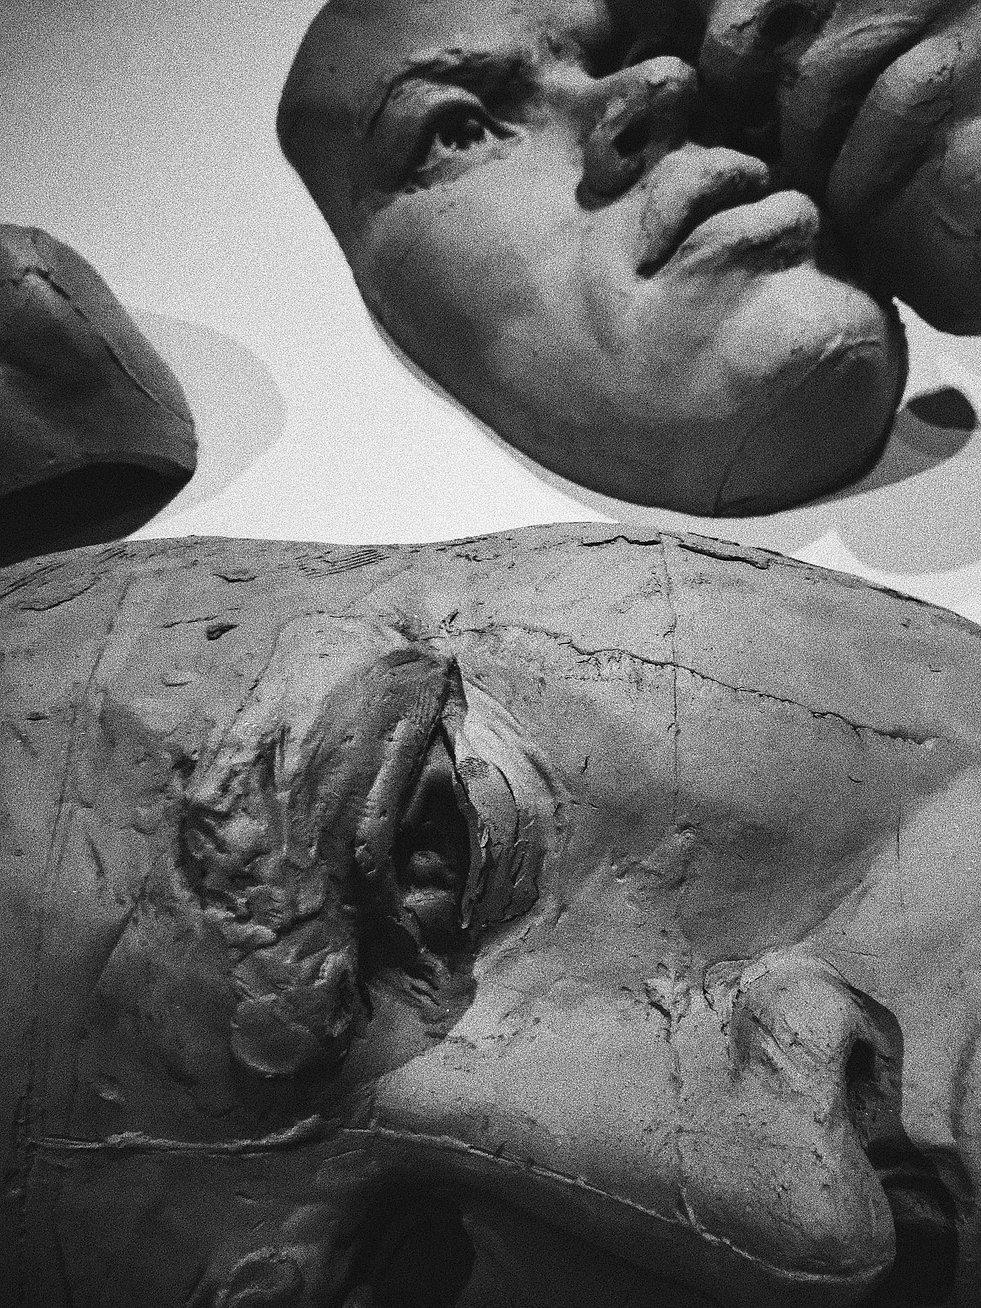 esculturas_FERNANDO POLETTI_exposição_CORPOS EM TRÂNSITO